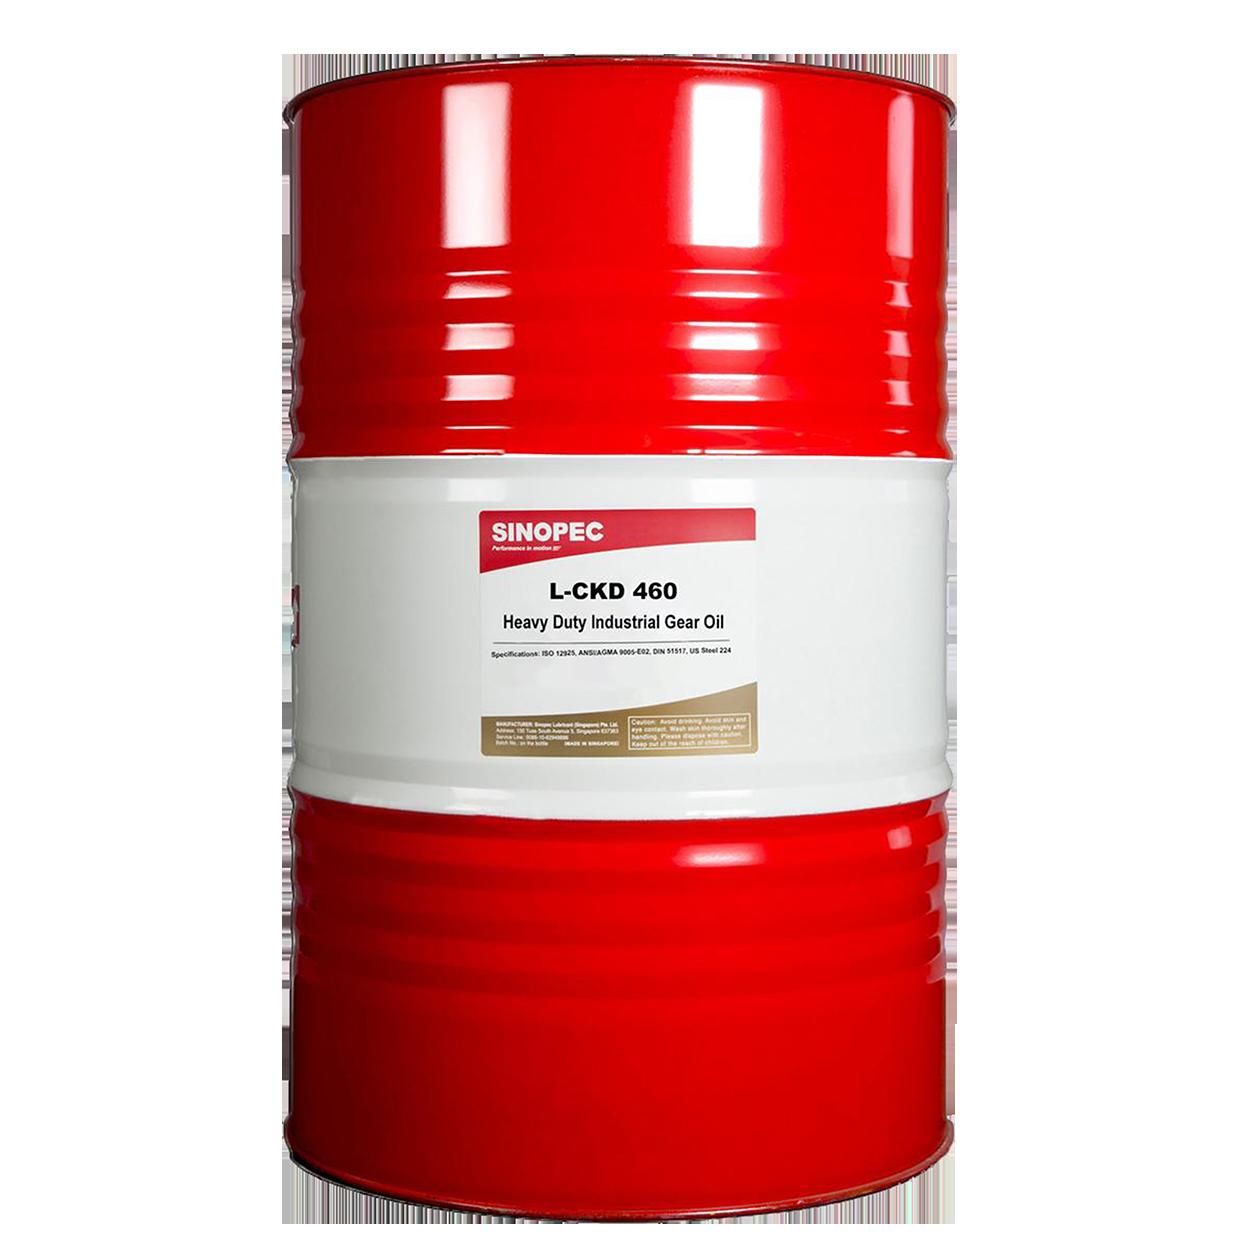 Sinopec L-CKD Heavy Duty Industrial Gear Oil